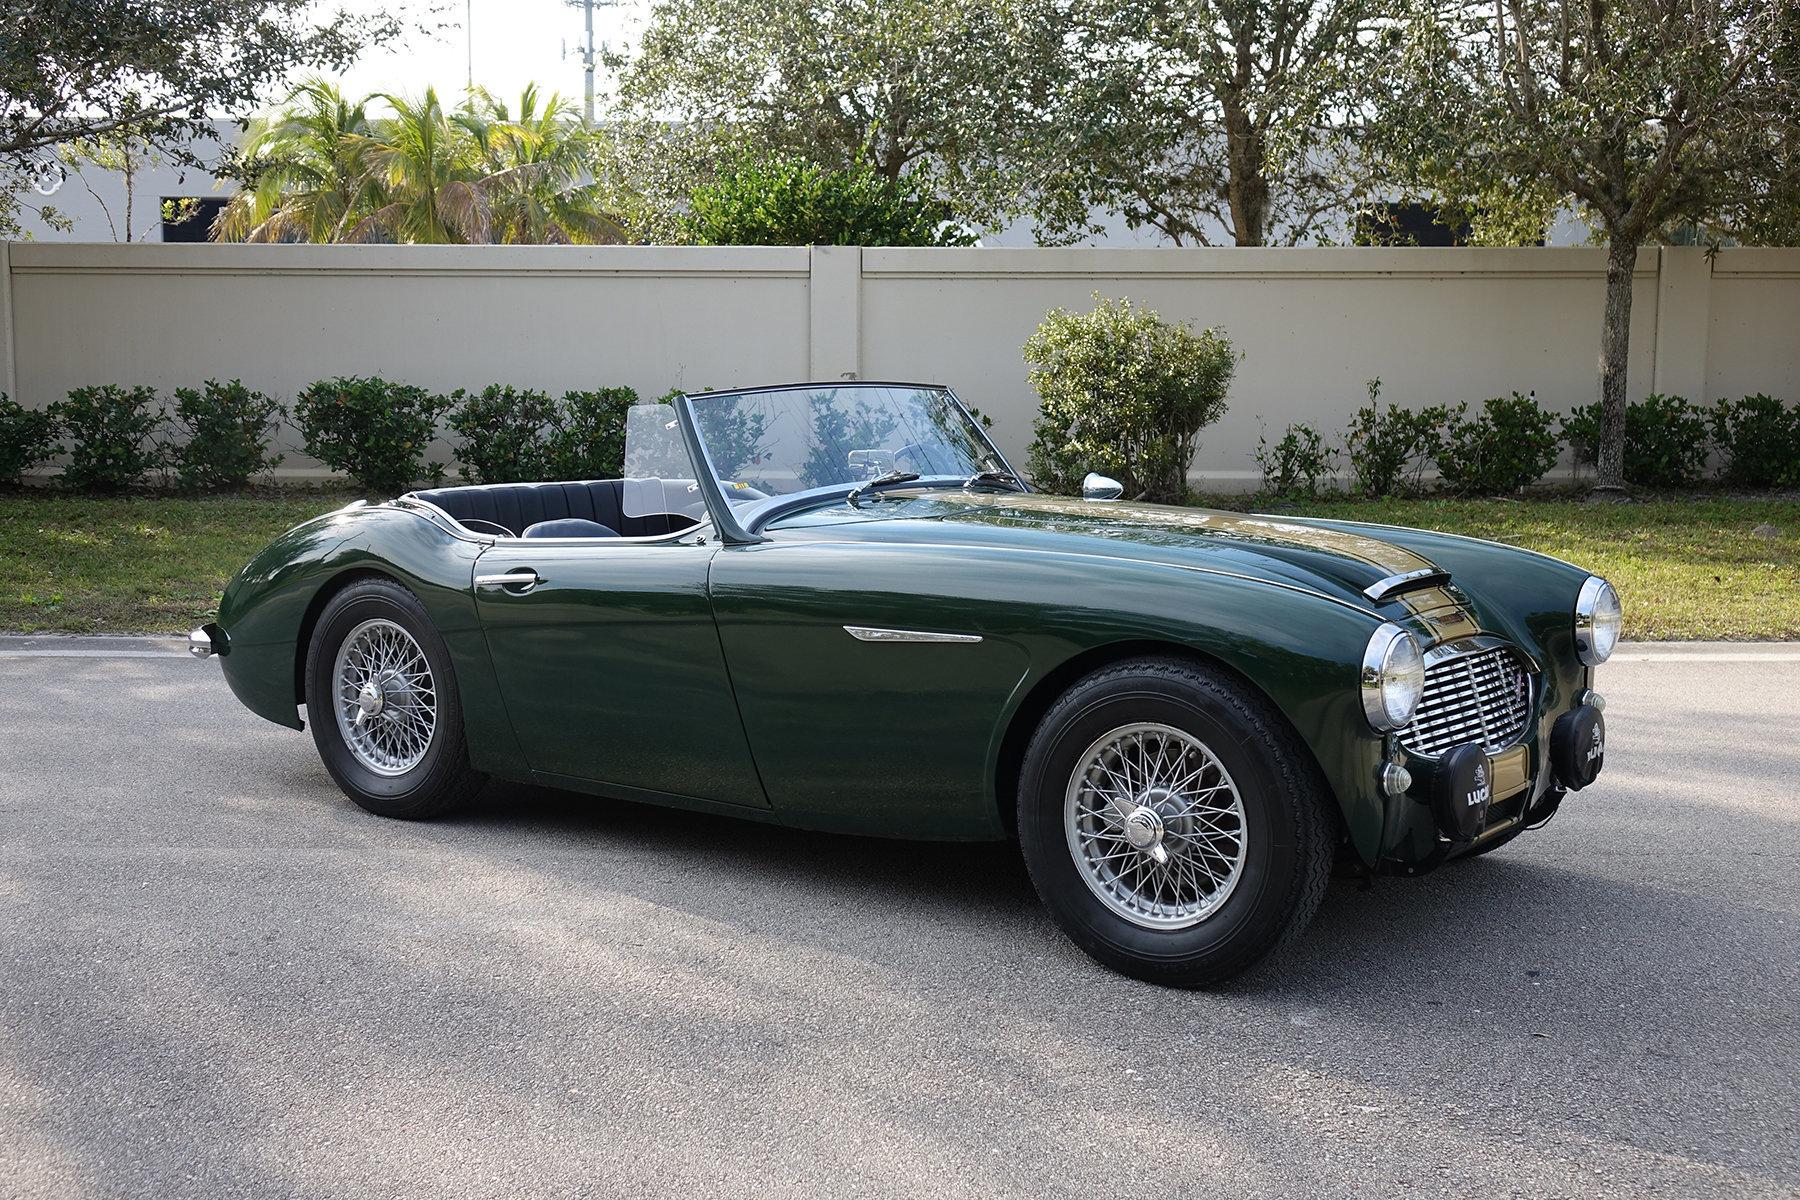 1945bfdfad91 hd 1960 austin healey 3000